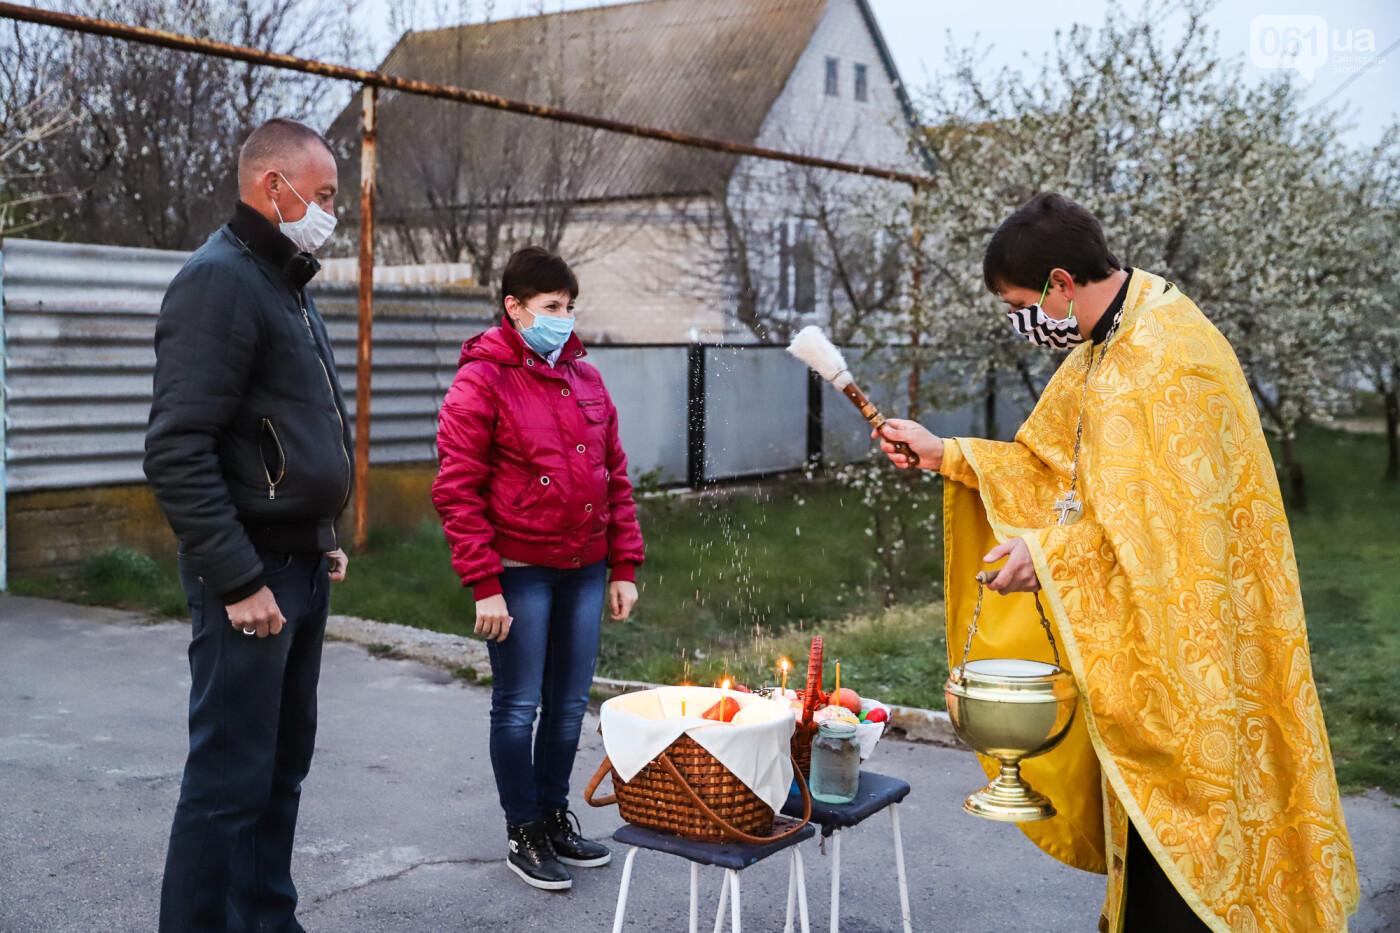 Освящение пасок у дворов на сельских улицах и полицейские возле храмов вместо прихожан: как празднуют Пасху в Запорожье, - ФОТОРЕПОРТАЖ, фото-13